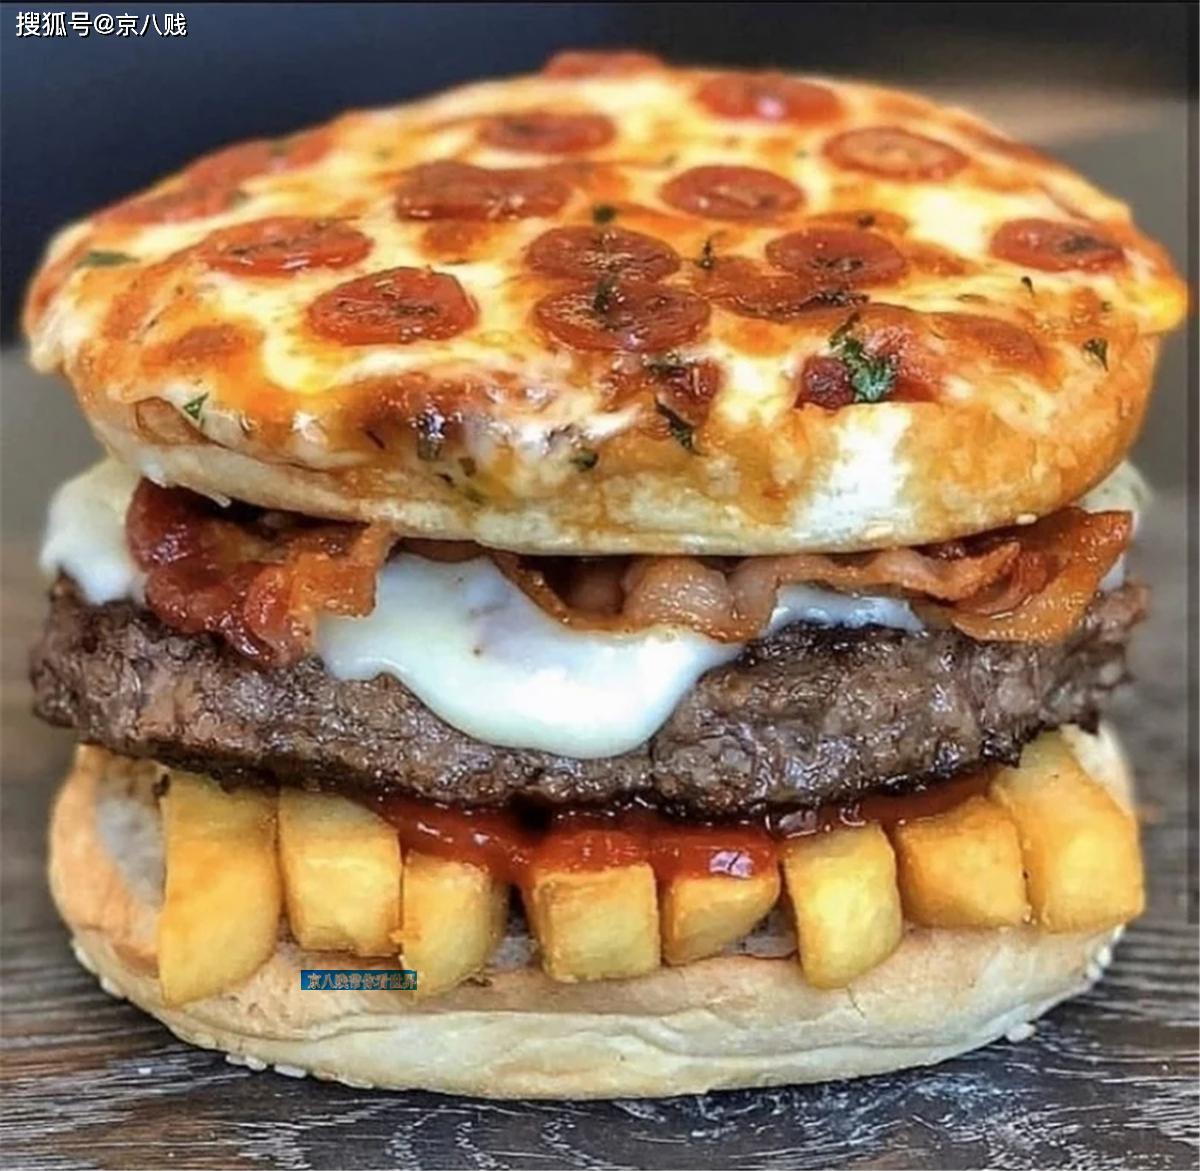 好想咬一口,高热量快餐全明星组合,梦幻的披萨汉堡